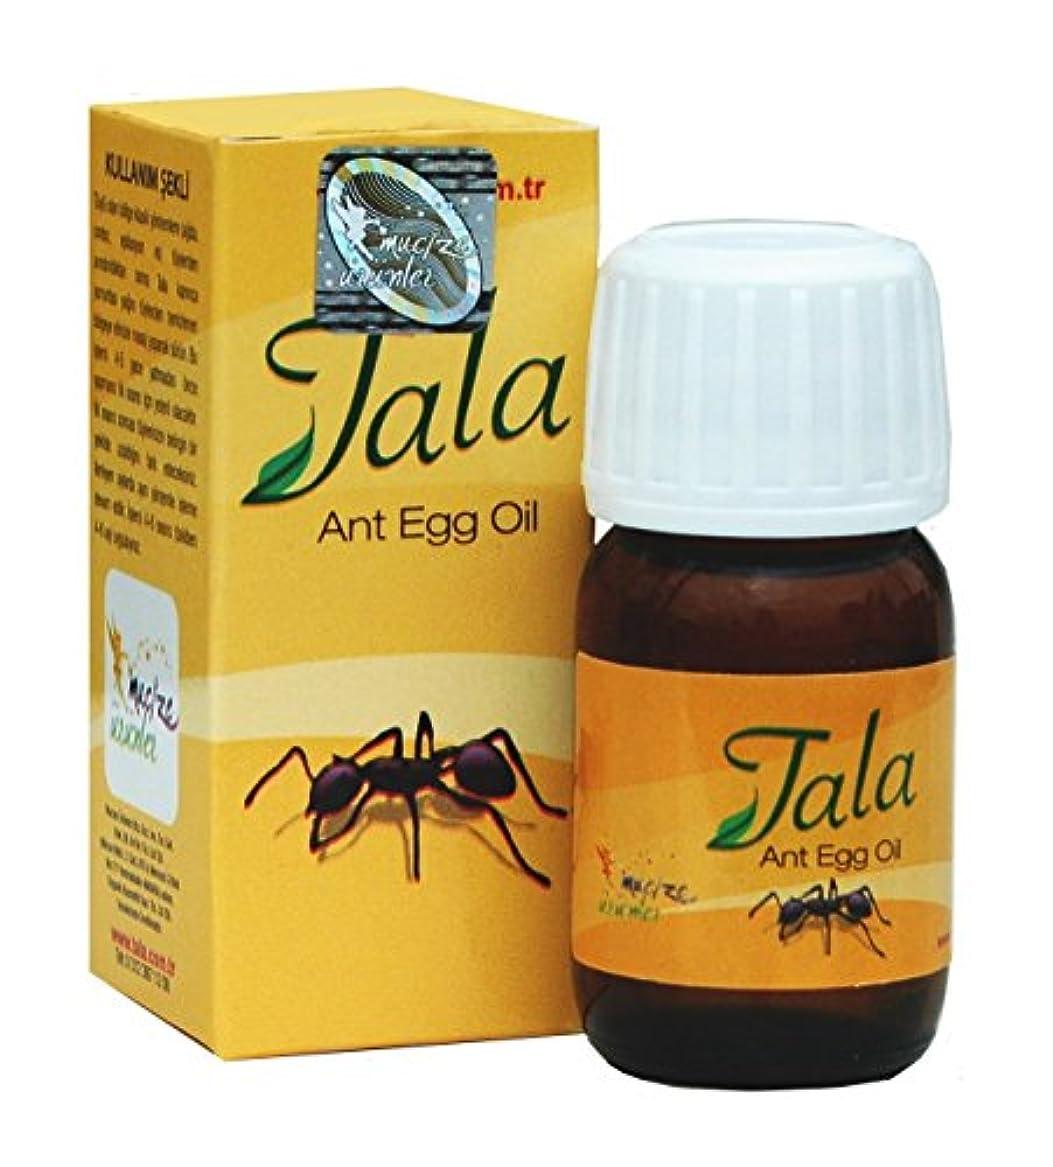 手入れ承認するポスト印象派Tala Ant Egg Oil (アリ脱毛オイル) 20 ml [並行輸入品]